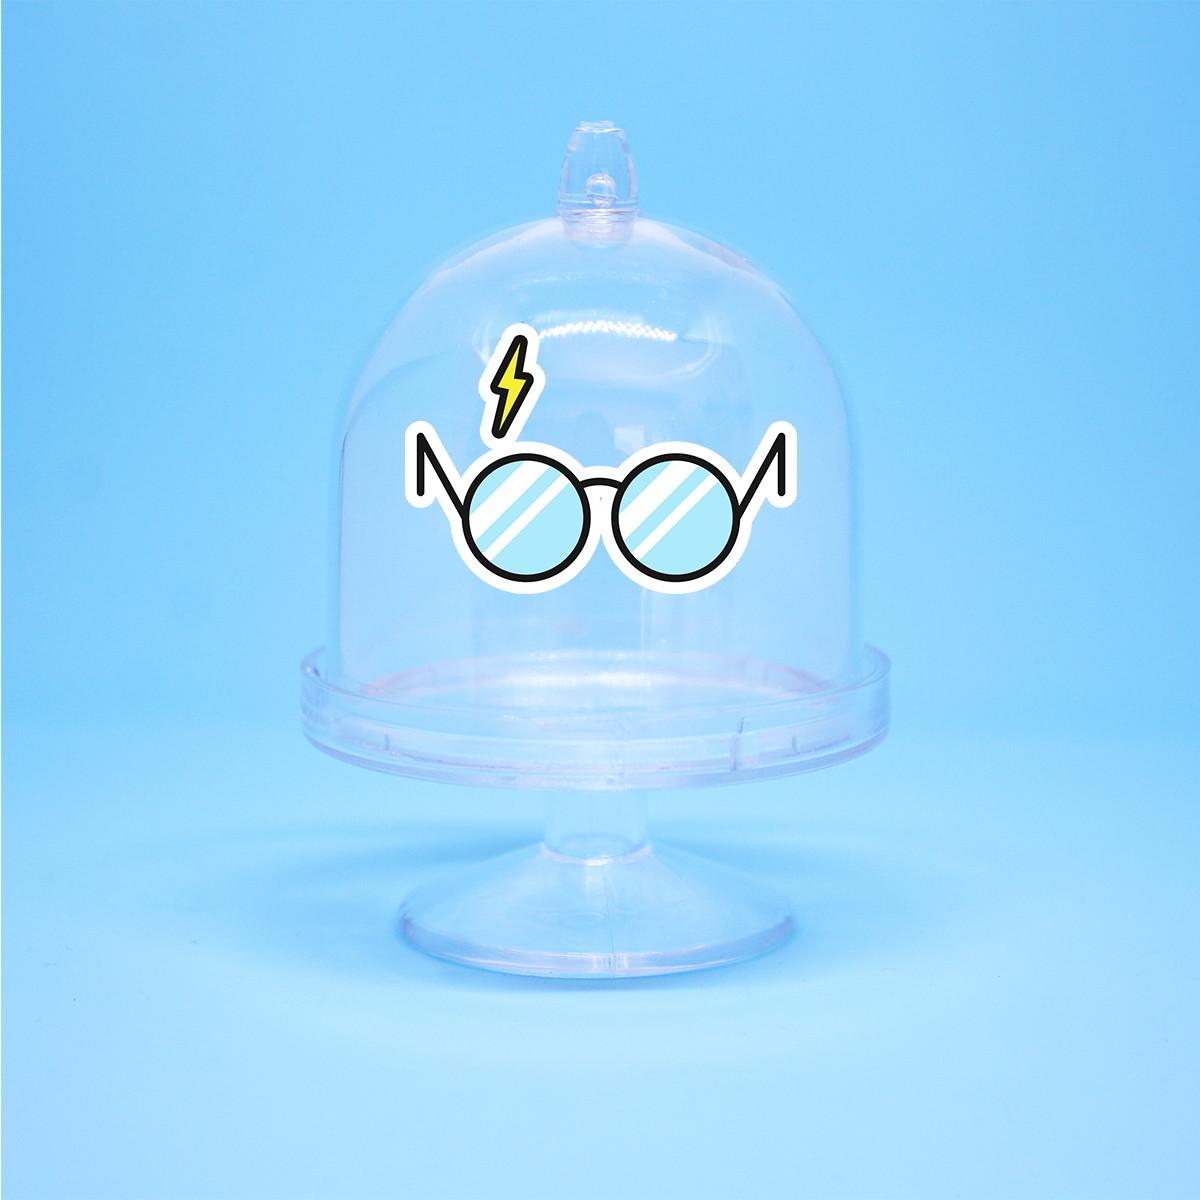 5a7794bc3e5f7 Mini-cúpula com aplique - Harry Potter óculos no Elo7